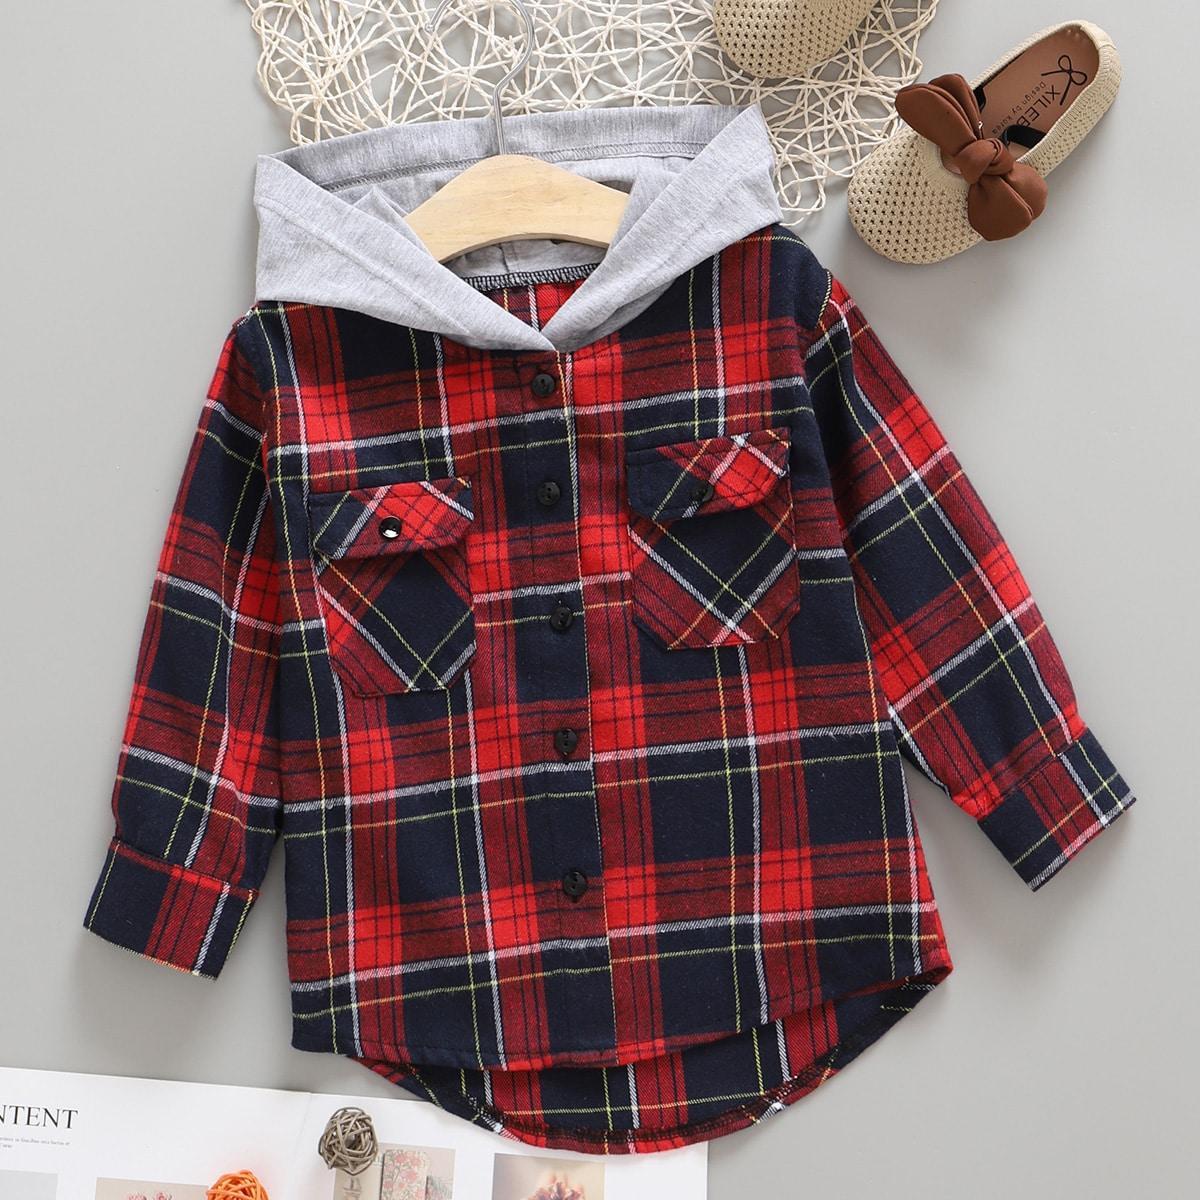 Асимметричный с карманами Пуговица Клетка Институтский Рубашки для мальчиков